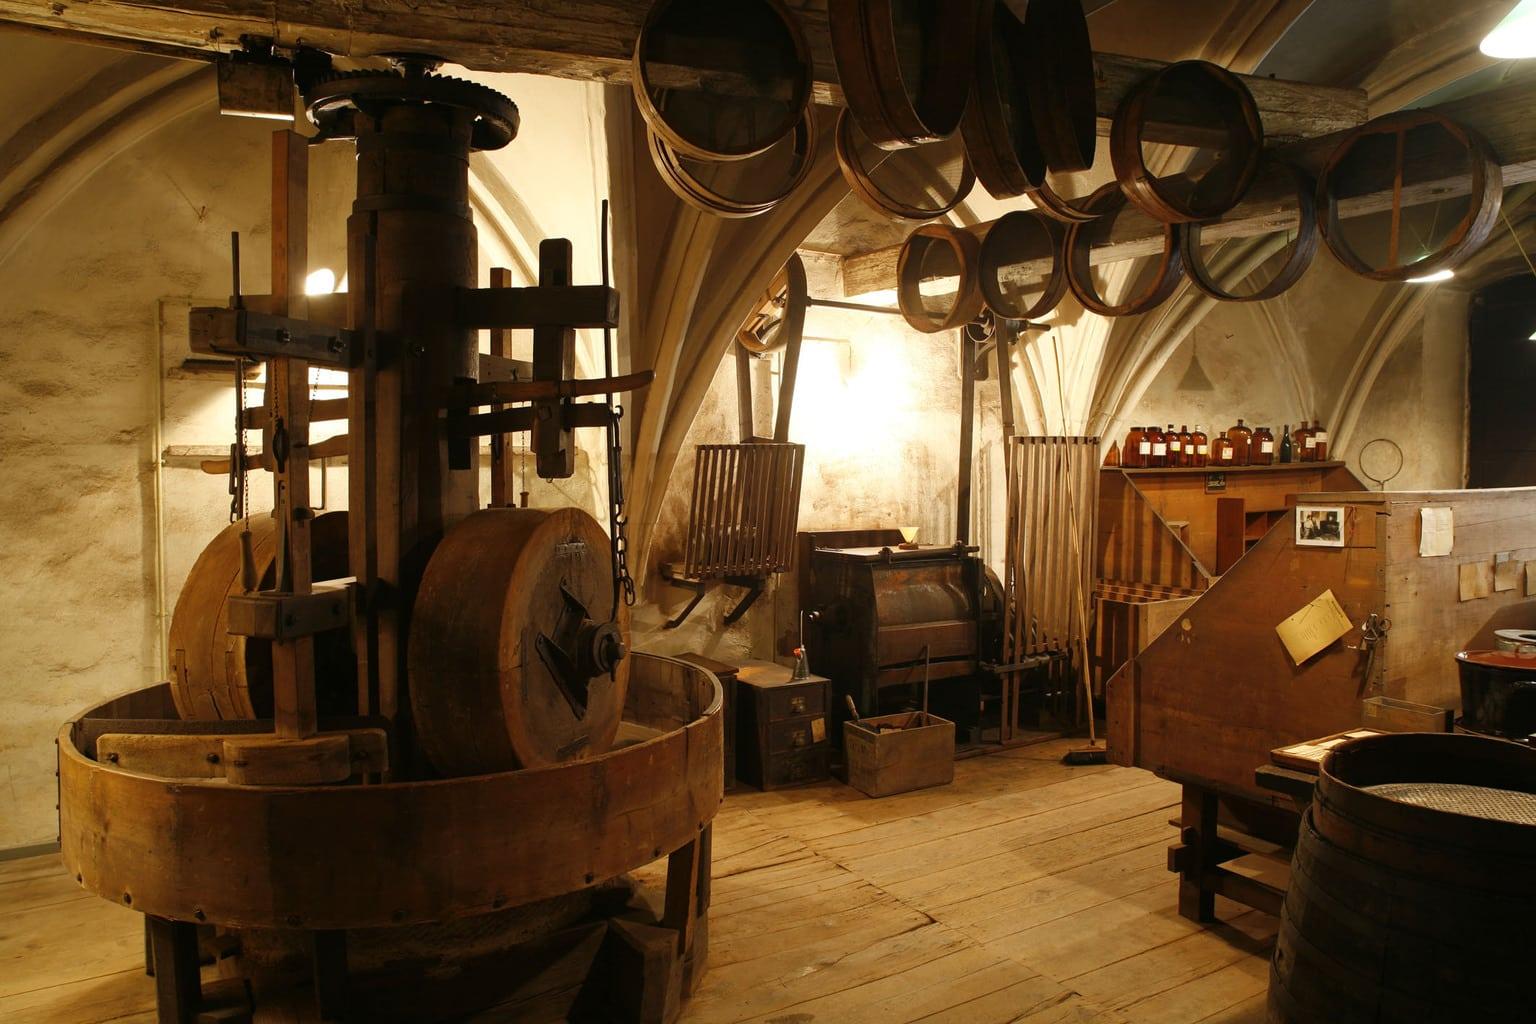 Het Zanthaus in Regensburg is een voormalig fabriek voor snuiftabak